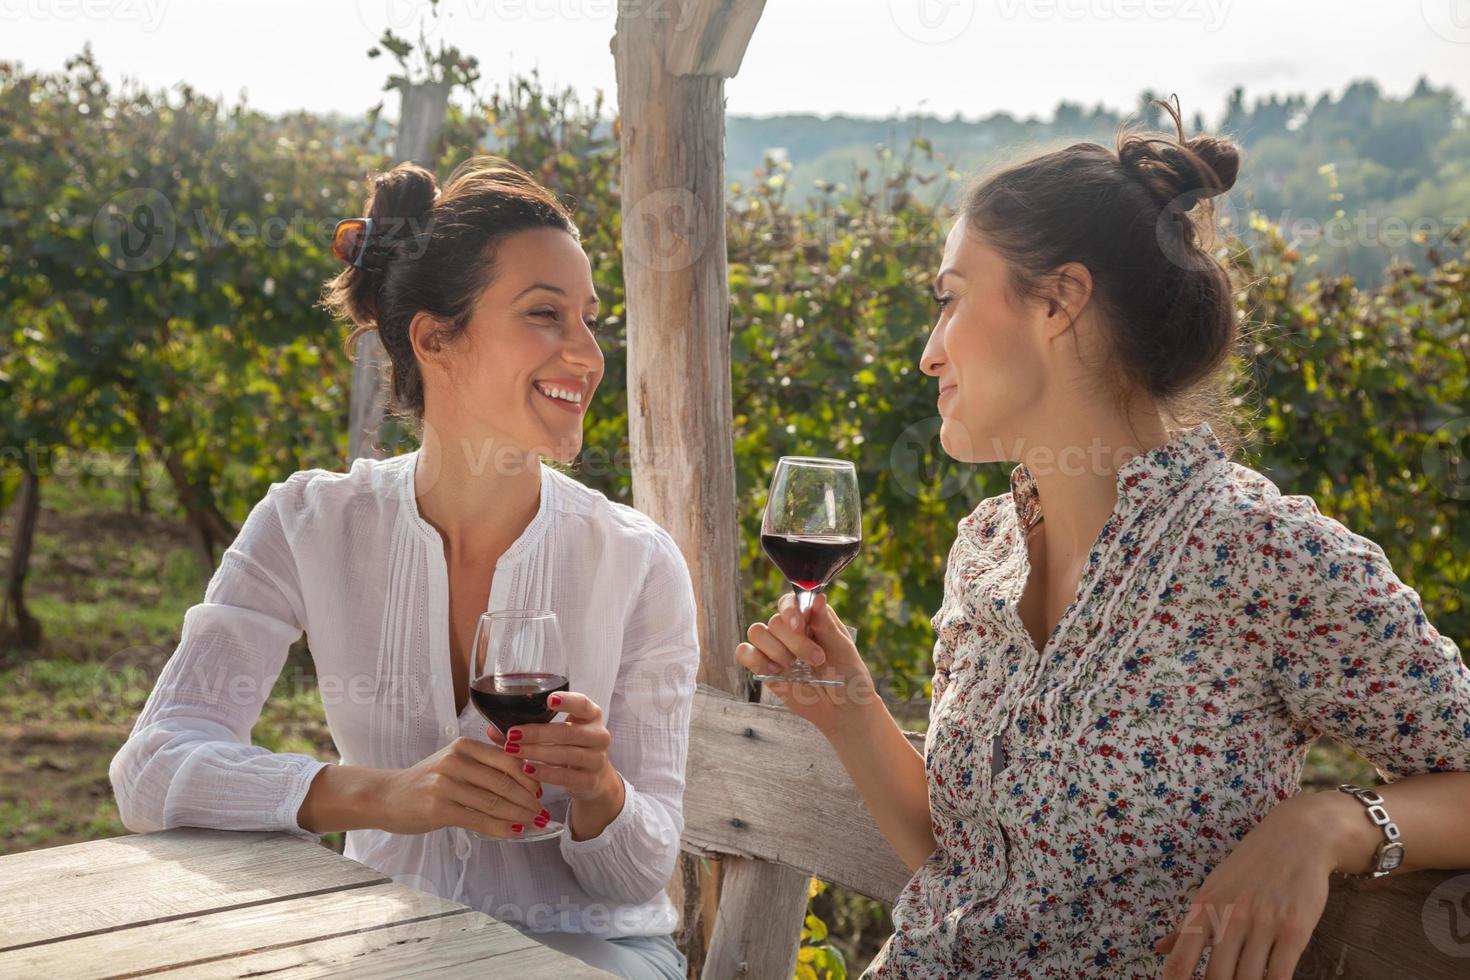 due giovani donne che bevono vino foto